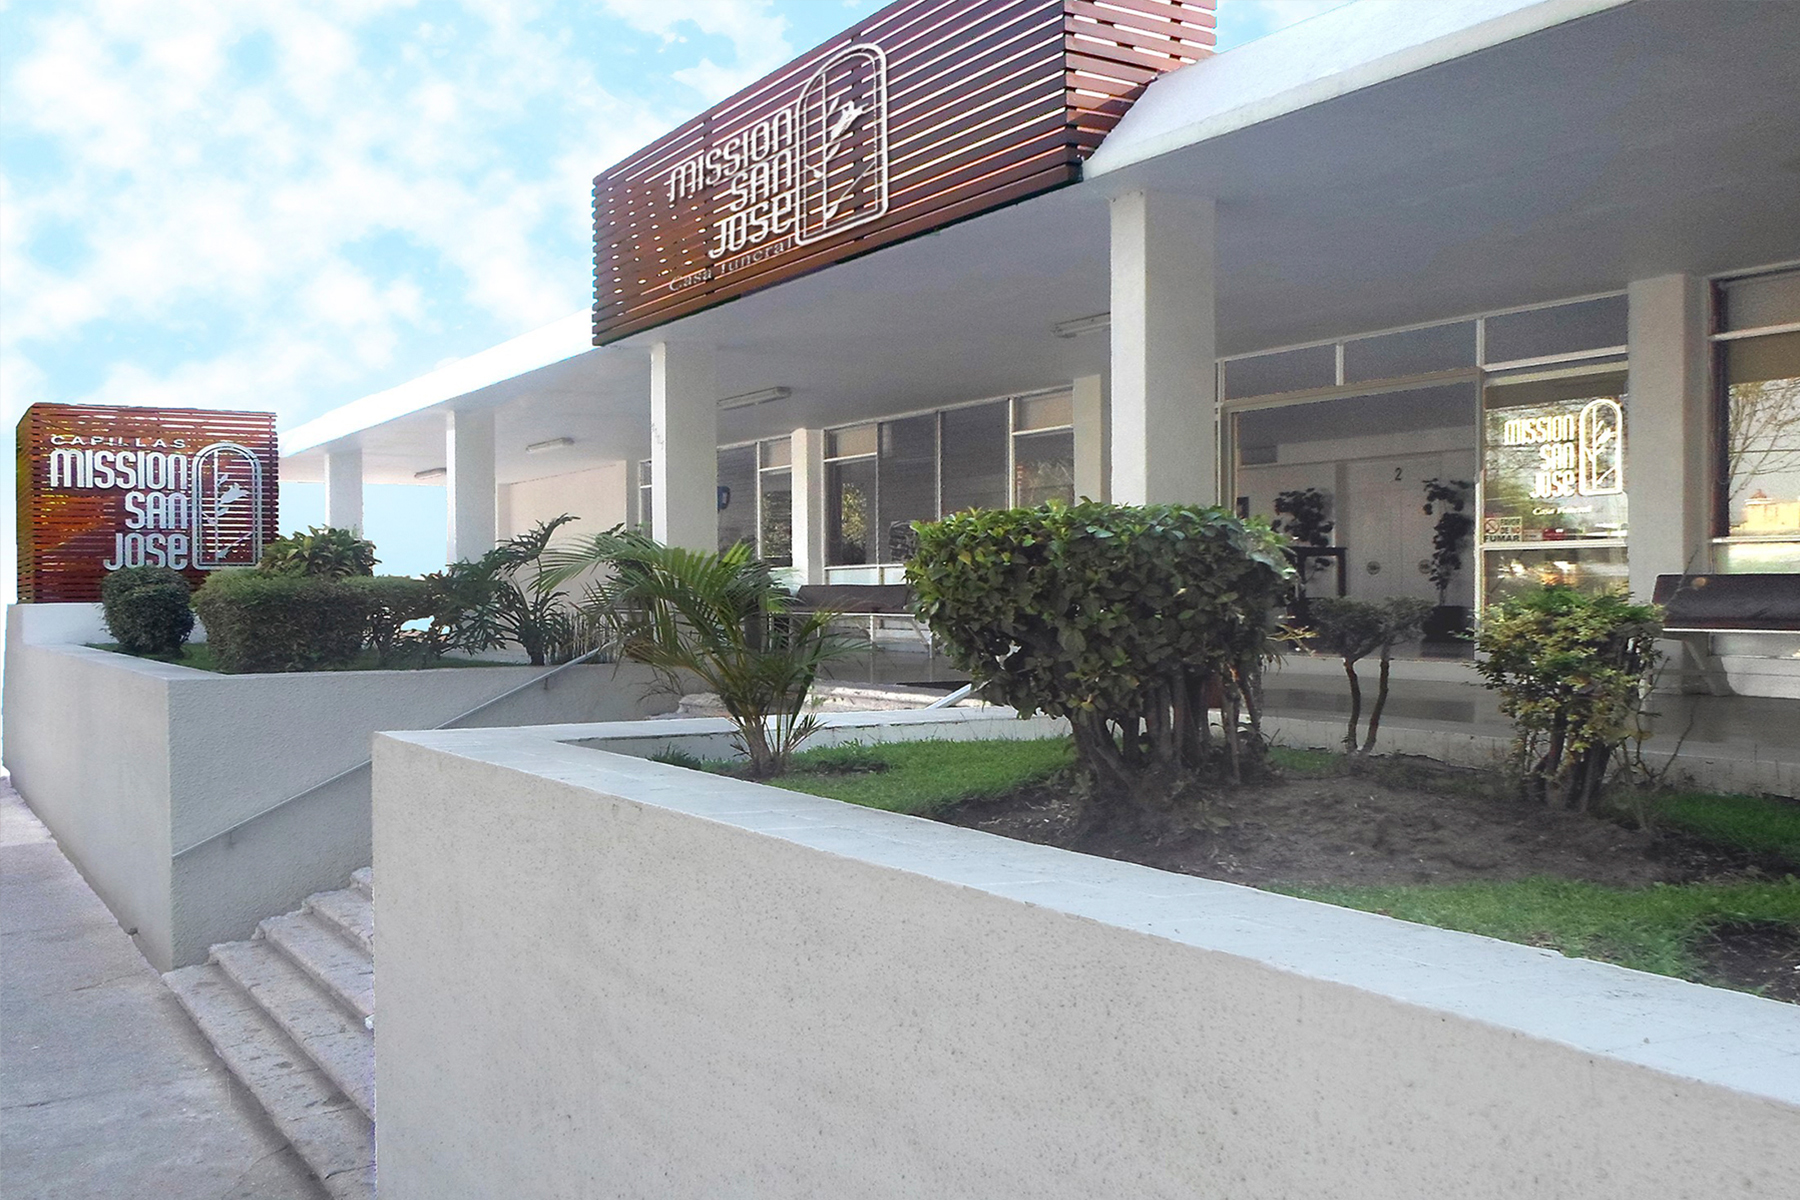 Funerarias  guadalajara  mision san jose  alcalde  fachada